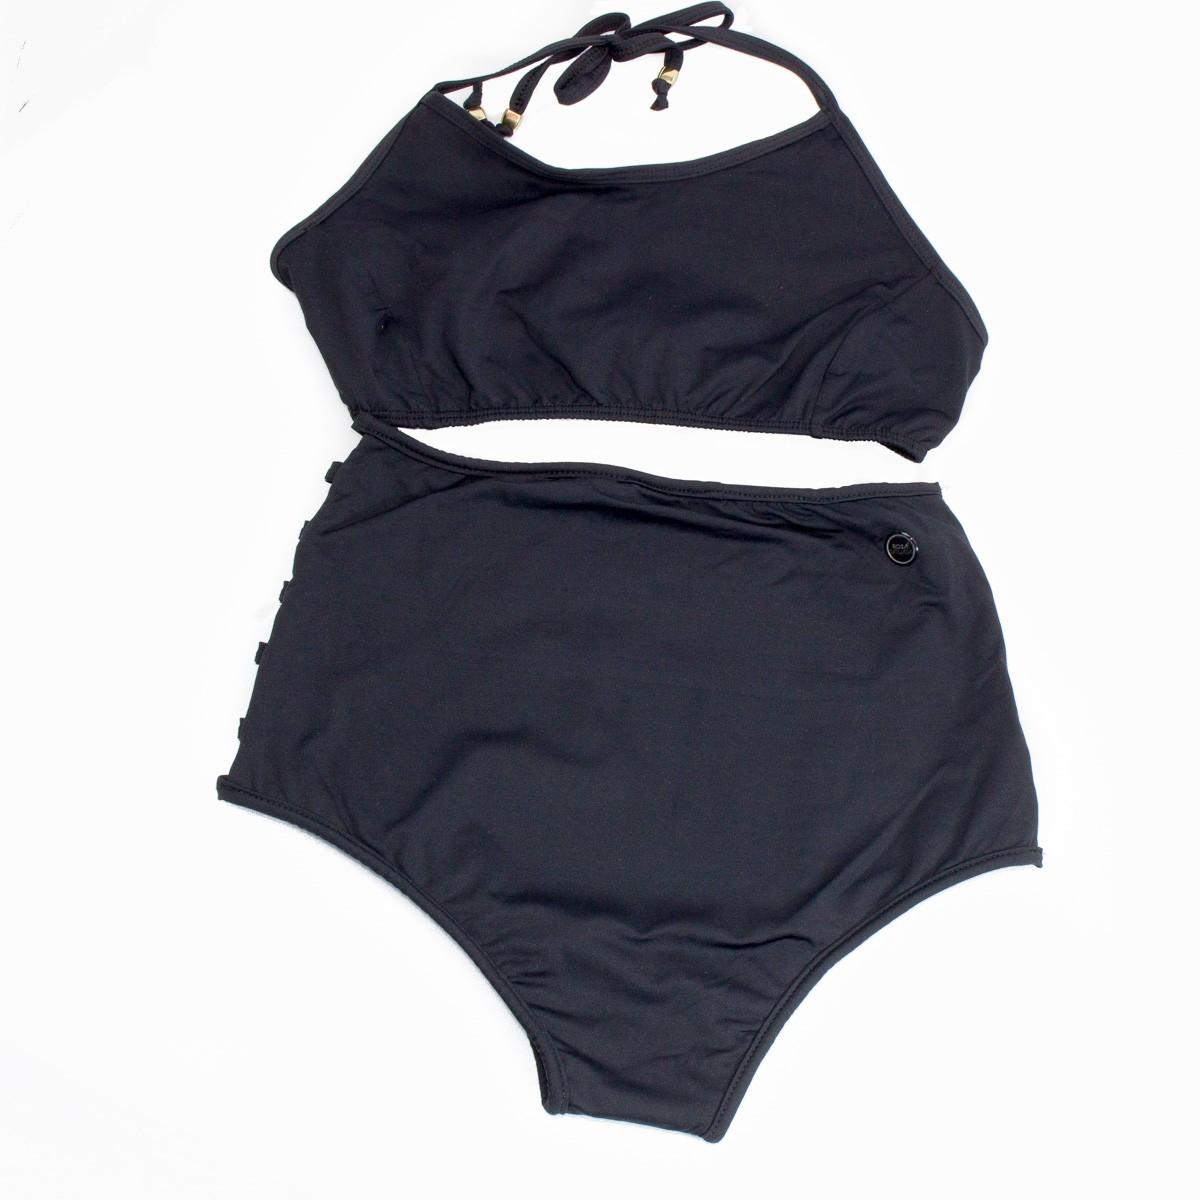 Bizz Store - Biquíni Cintura Alta Rosa Tatuada Preto Feminino fc52e3f2463